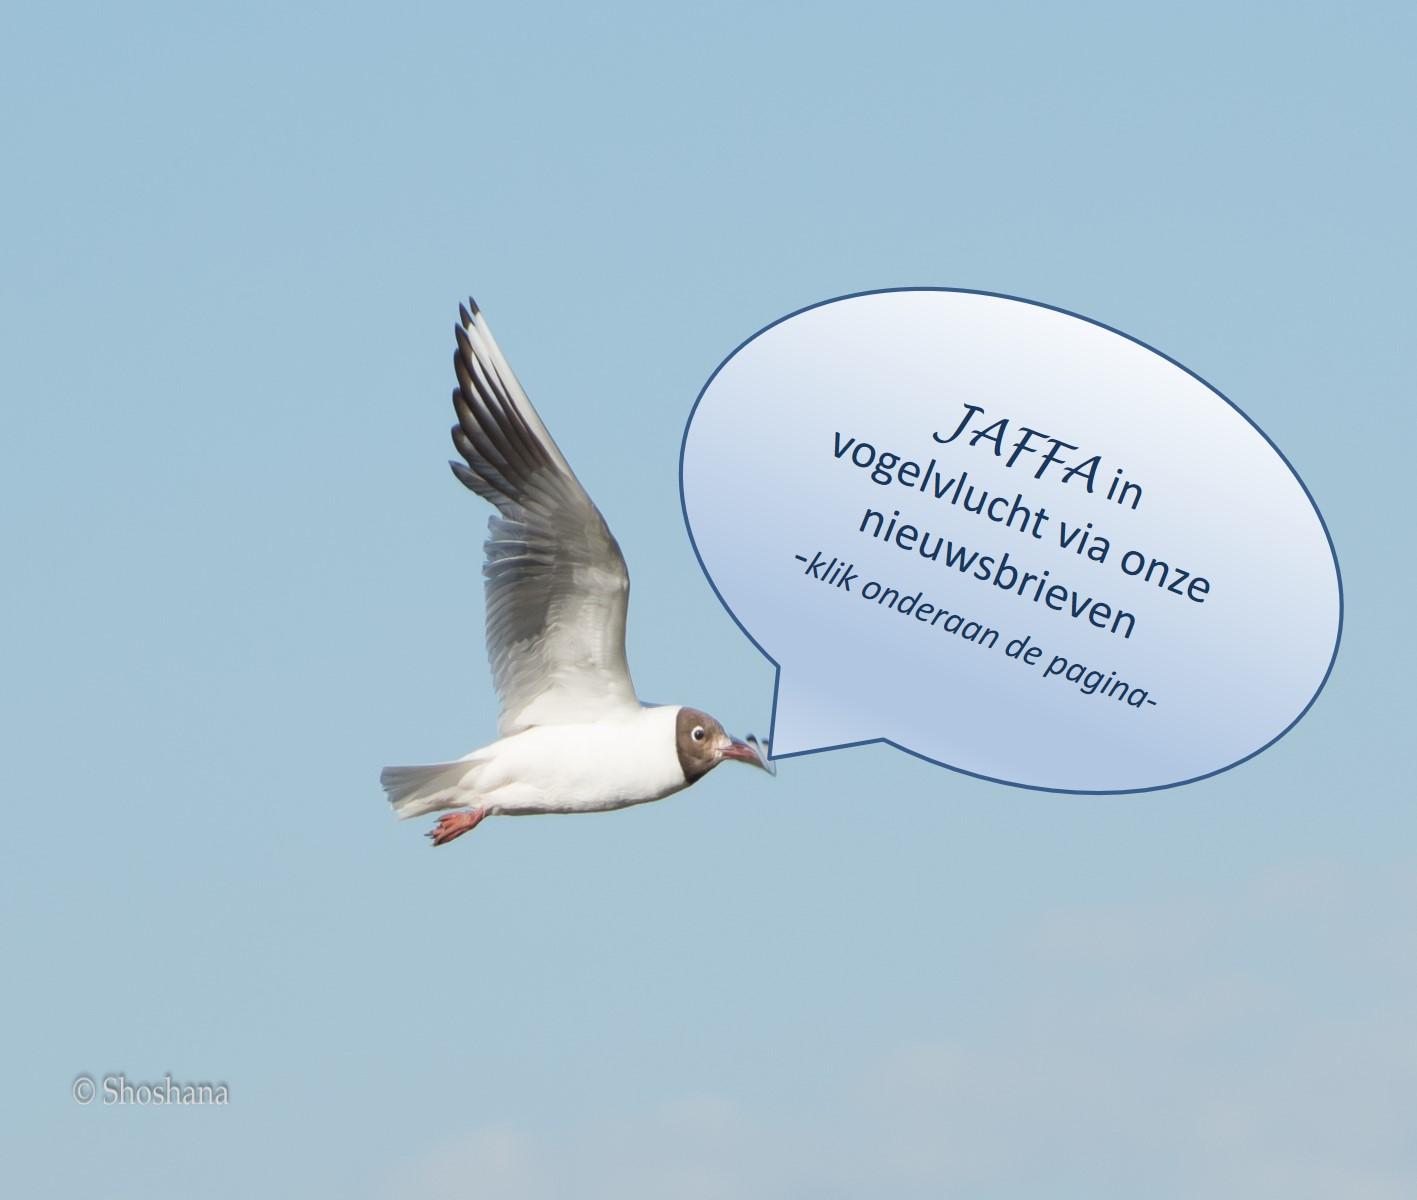 Jaffa in vogelvlucht nieuwsbrieven